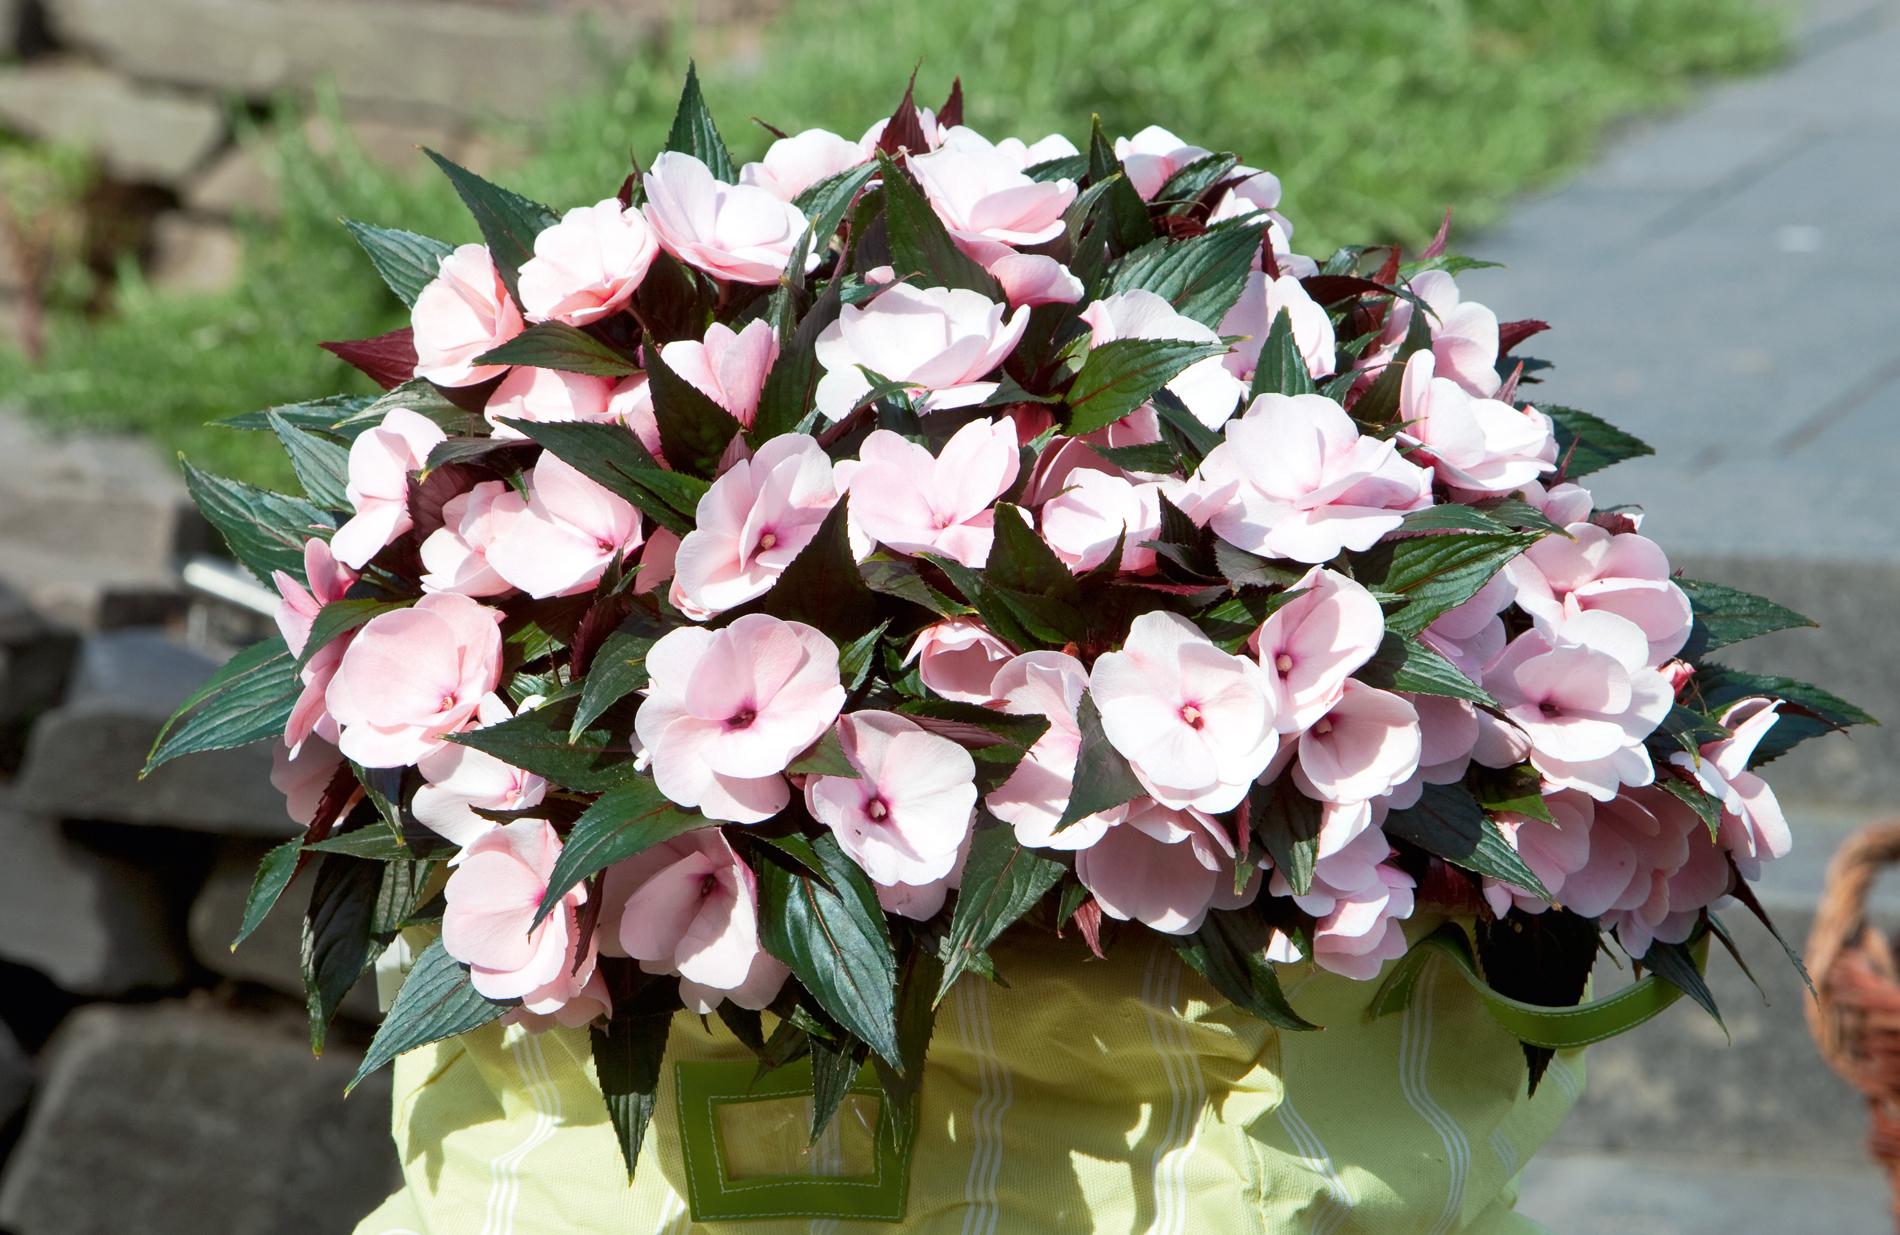 Zusatzbilder zum Artikel: Pünktlich zum Saisonstart locken die Pflanzenneuheiten 2011